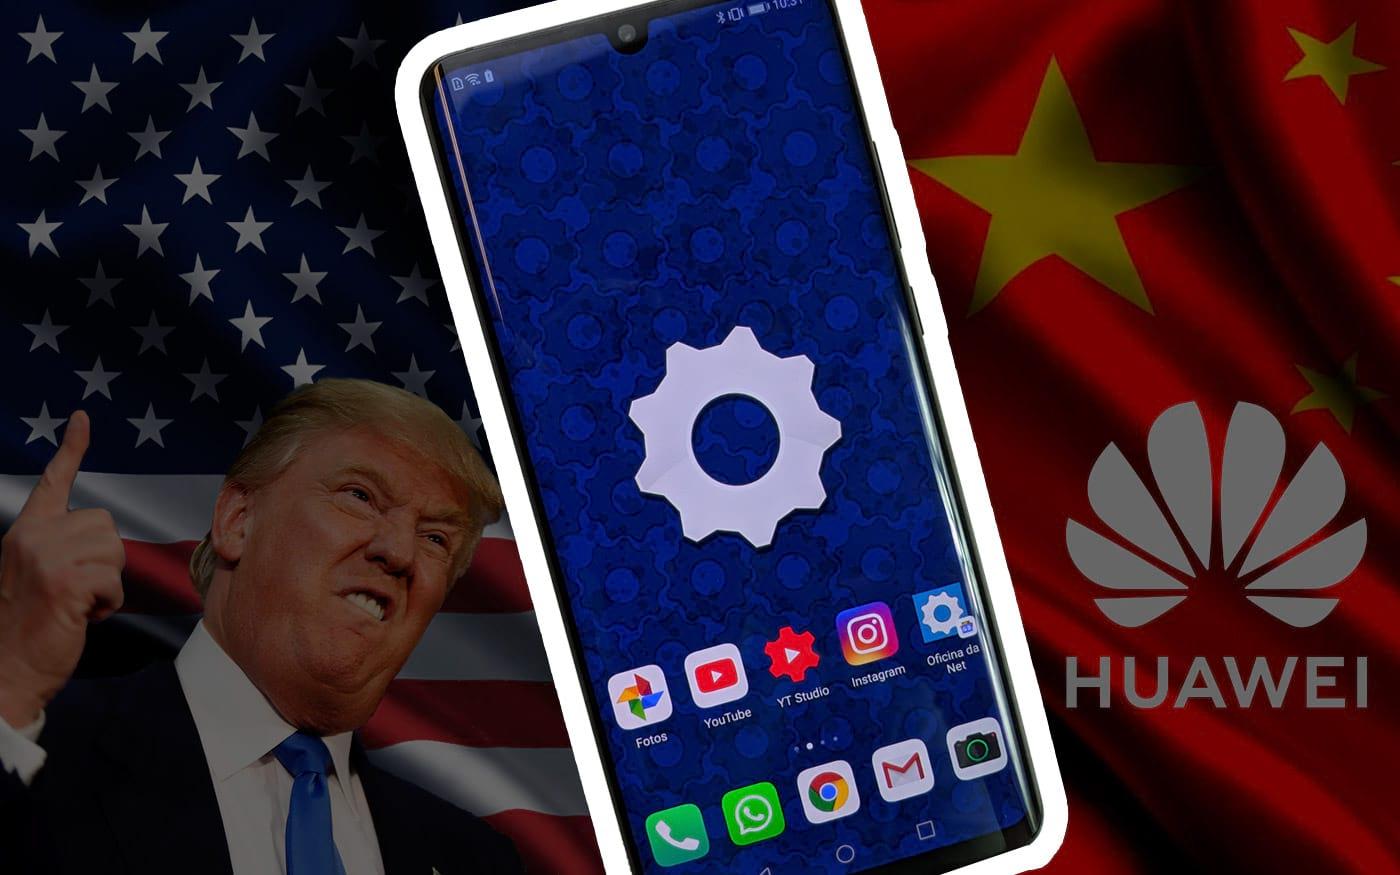 Resultado de imagem para Huawei perdeu os EUA, mas adquiriu a Rússia